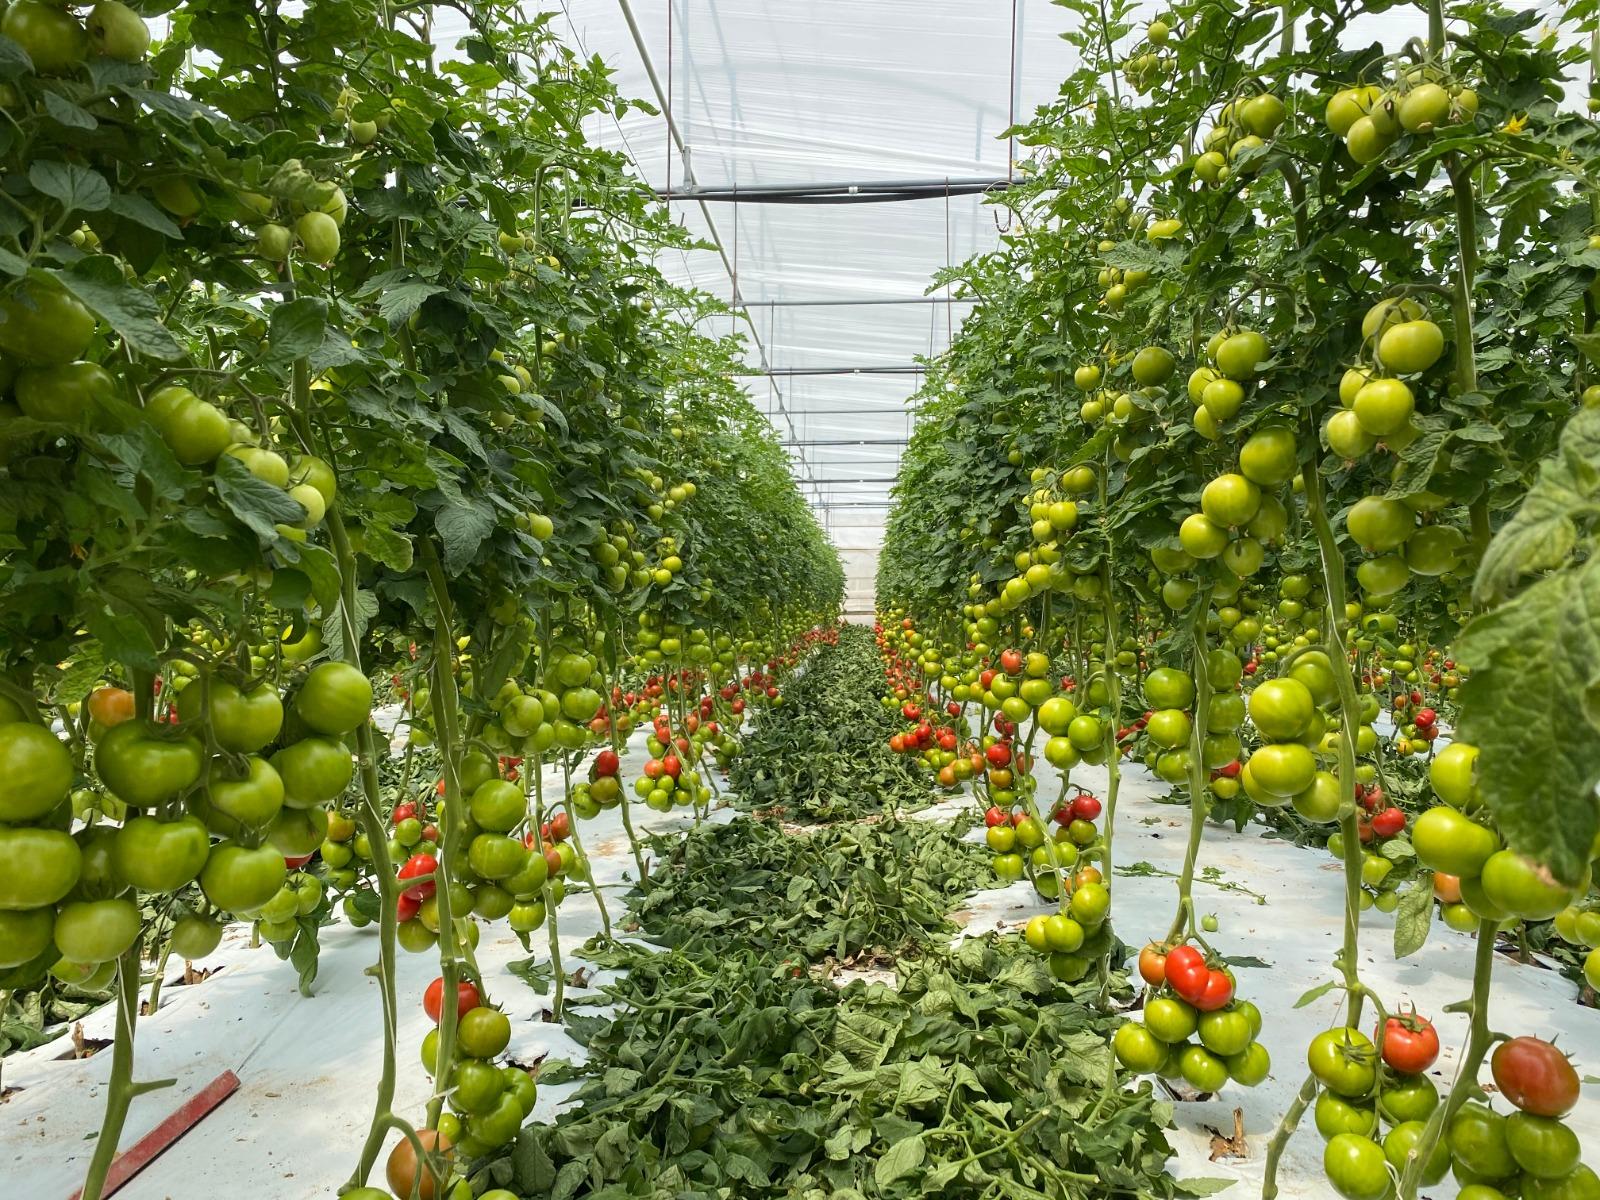 Con QdC è possibile garantire la rintracciabilità dei prodotti agricoli dal campo alla tavola